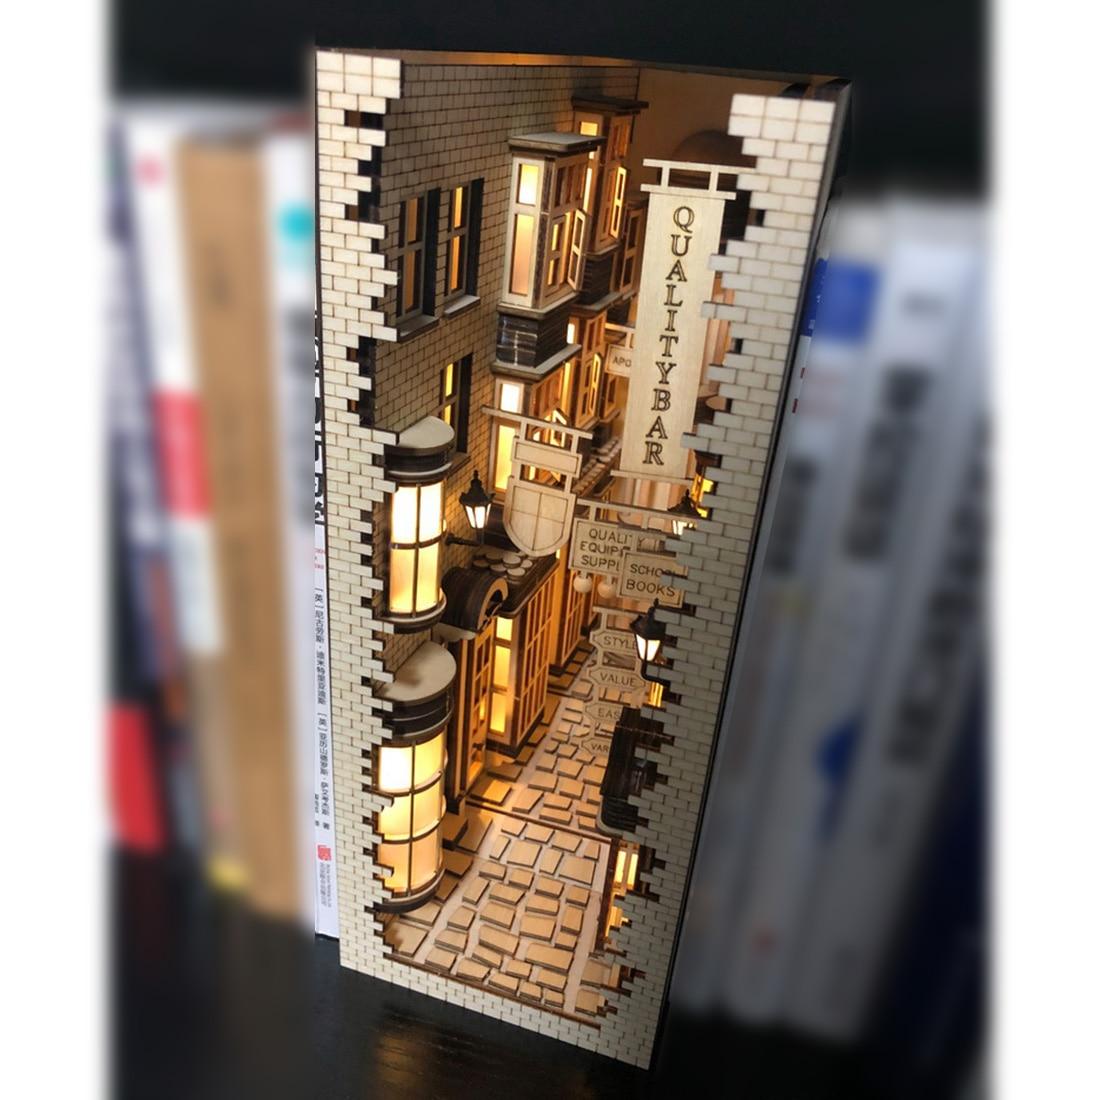 H40534eb2b12d43c7a4d4b35d84e21ebbp - Robotime - DIY Models, DIY Miniature Houses, 3d Wooden Puzzle